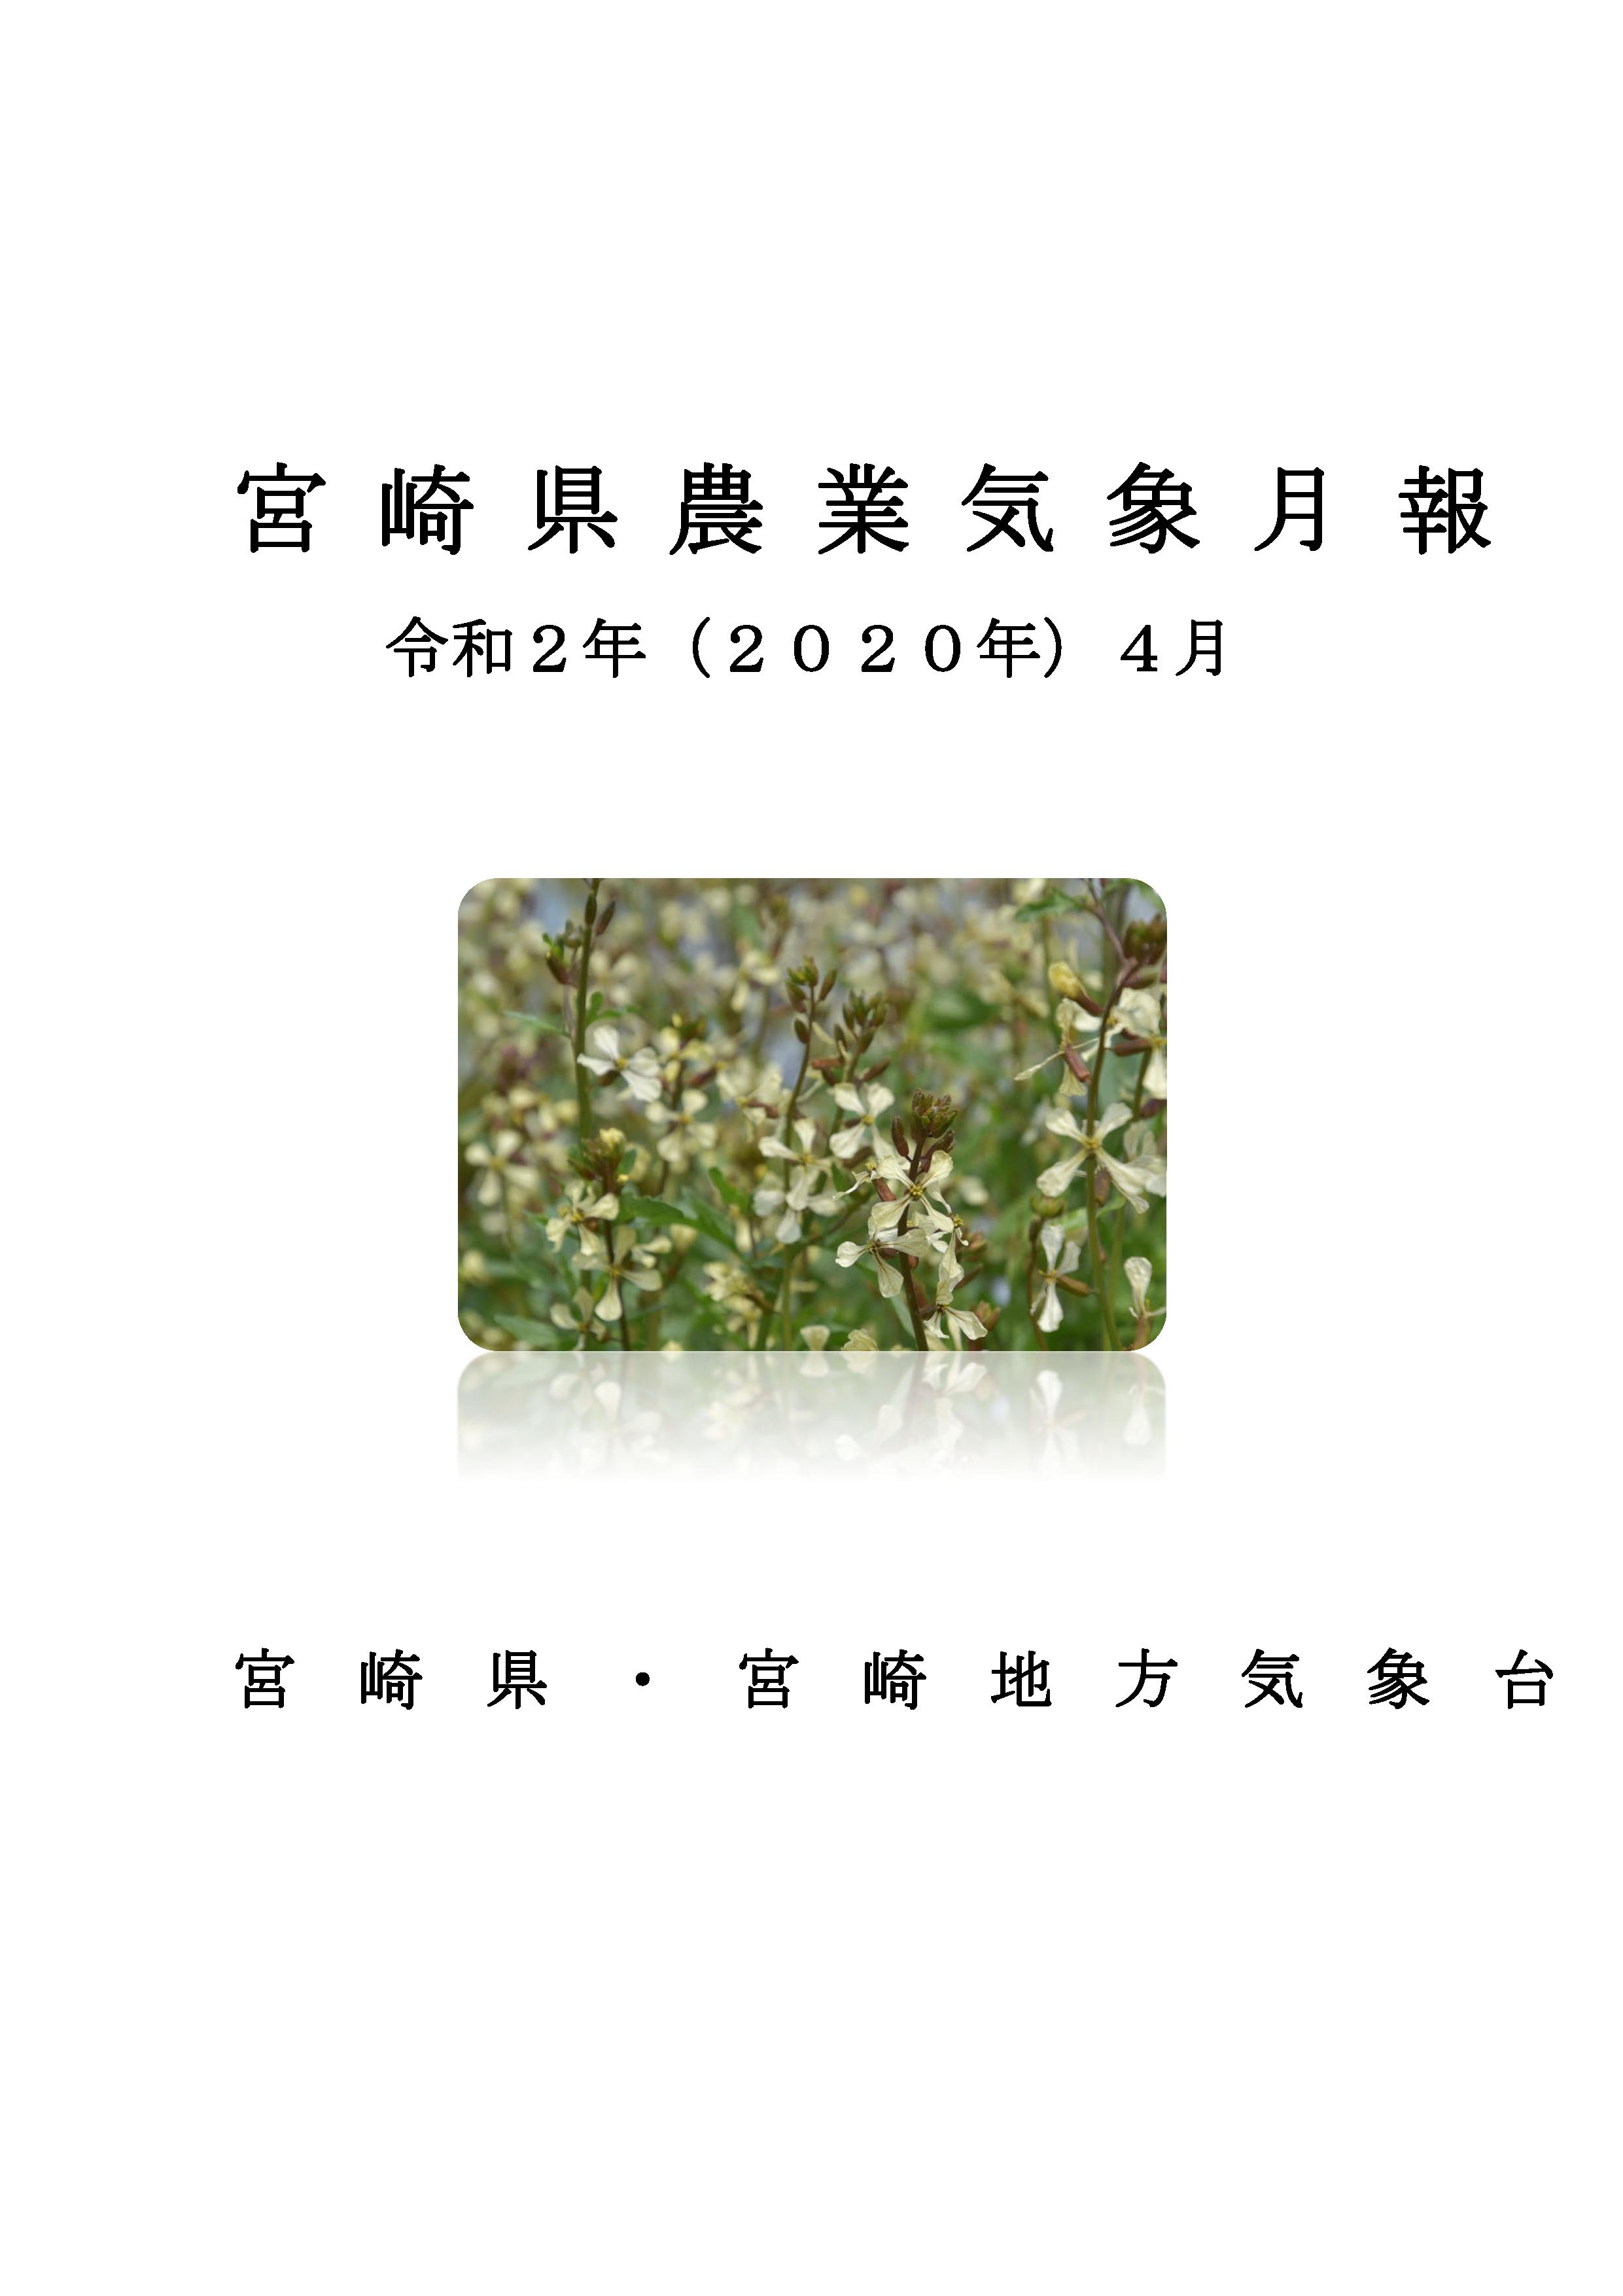 令和2年3月農業気象月報PDF